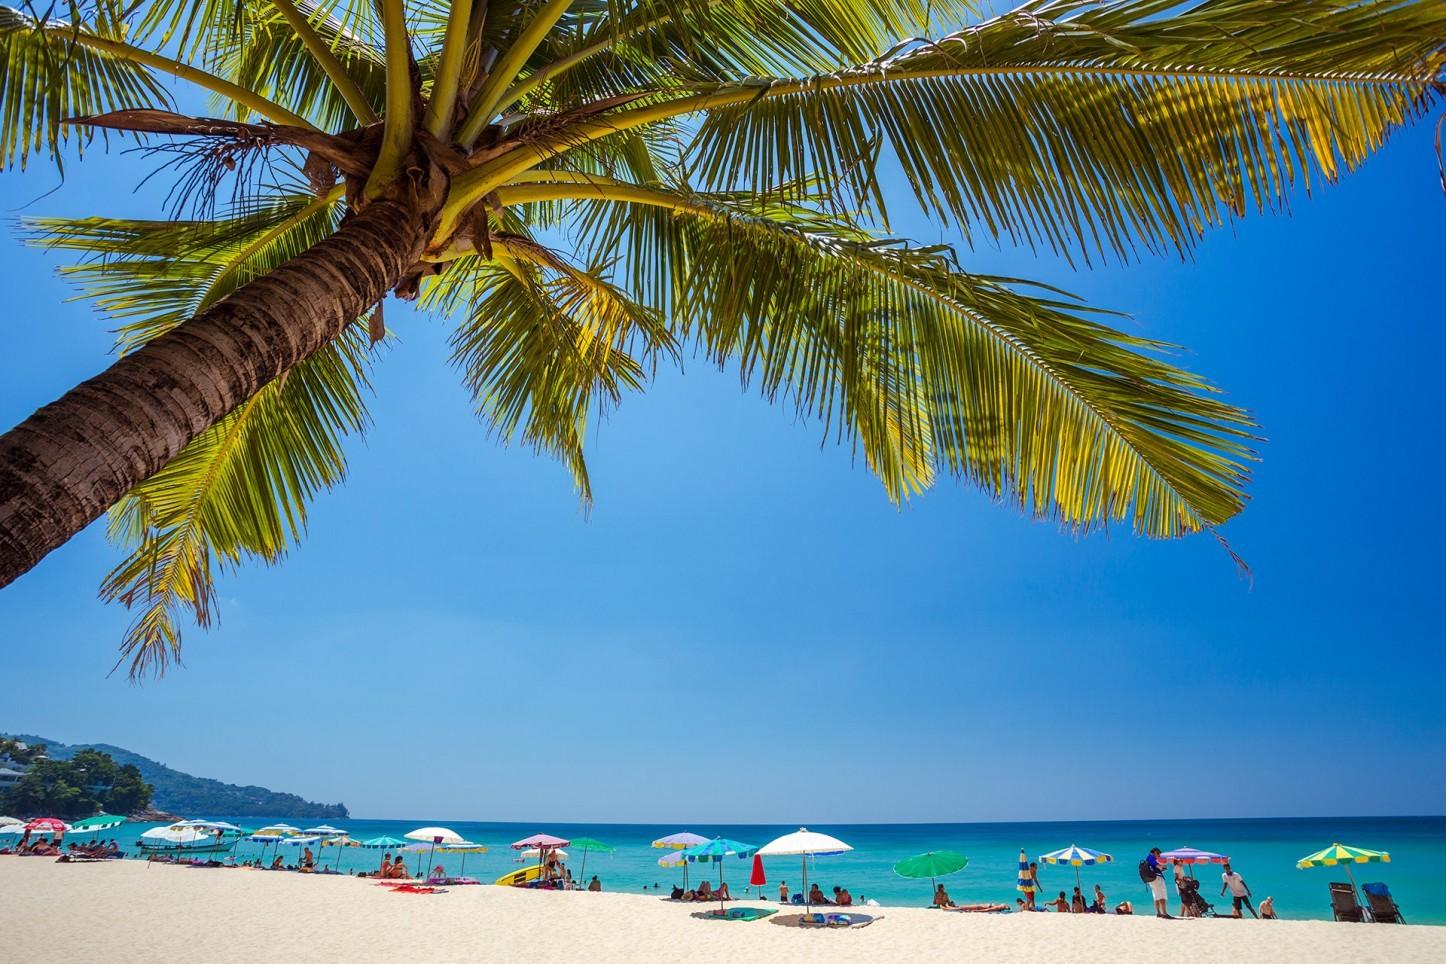 Surin Beach Phuket Thailand | Kata Rocks Resort Phuket Thailand